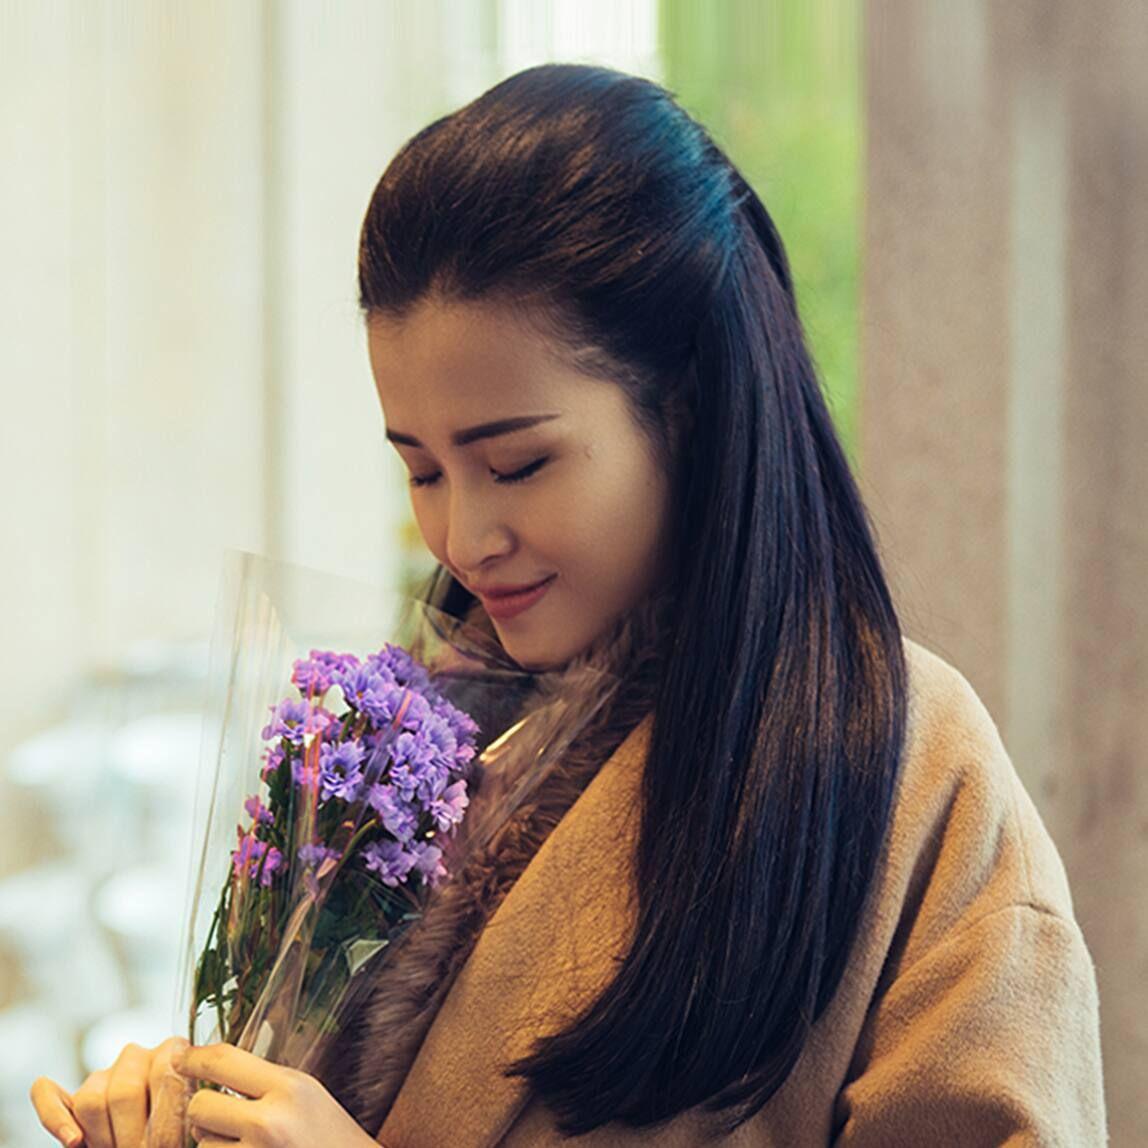 Cách giữ hoa tươi lâu đơn giản nhất mà không phải ai cũng biết